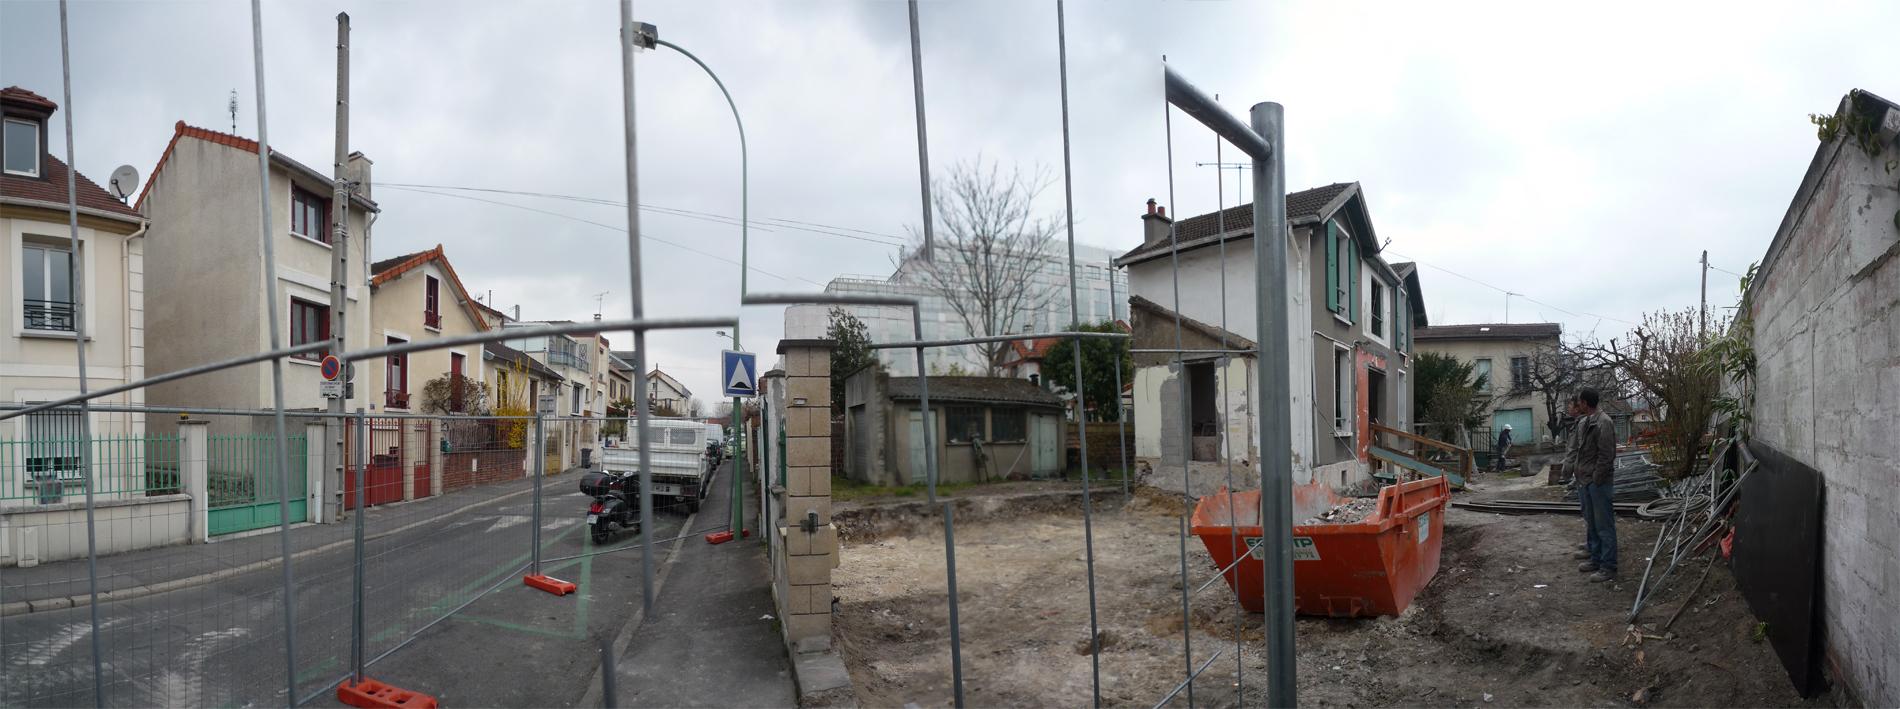 1015-BRAVO-Chantier-Panoramique-130408-1-bd.jpg